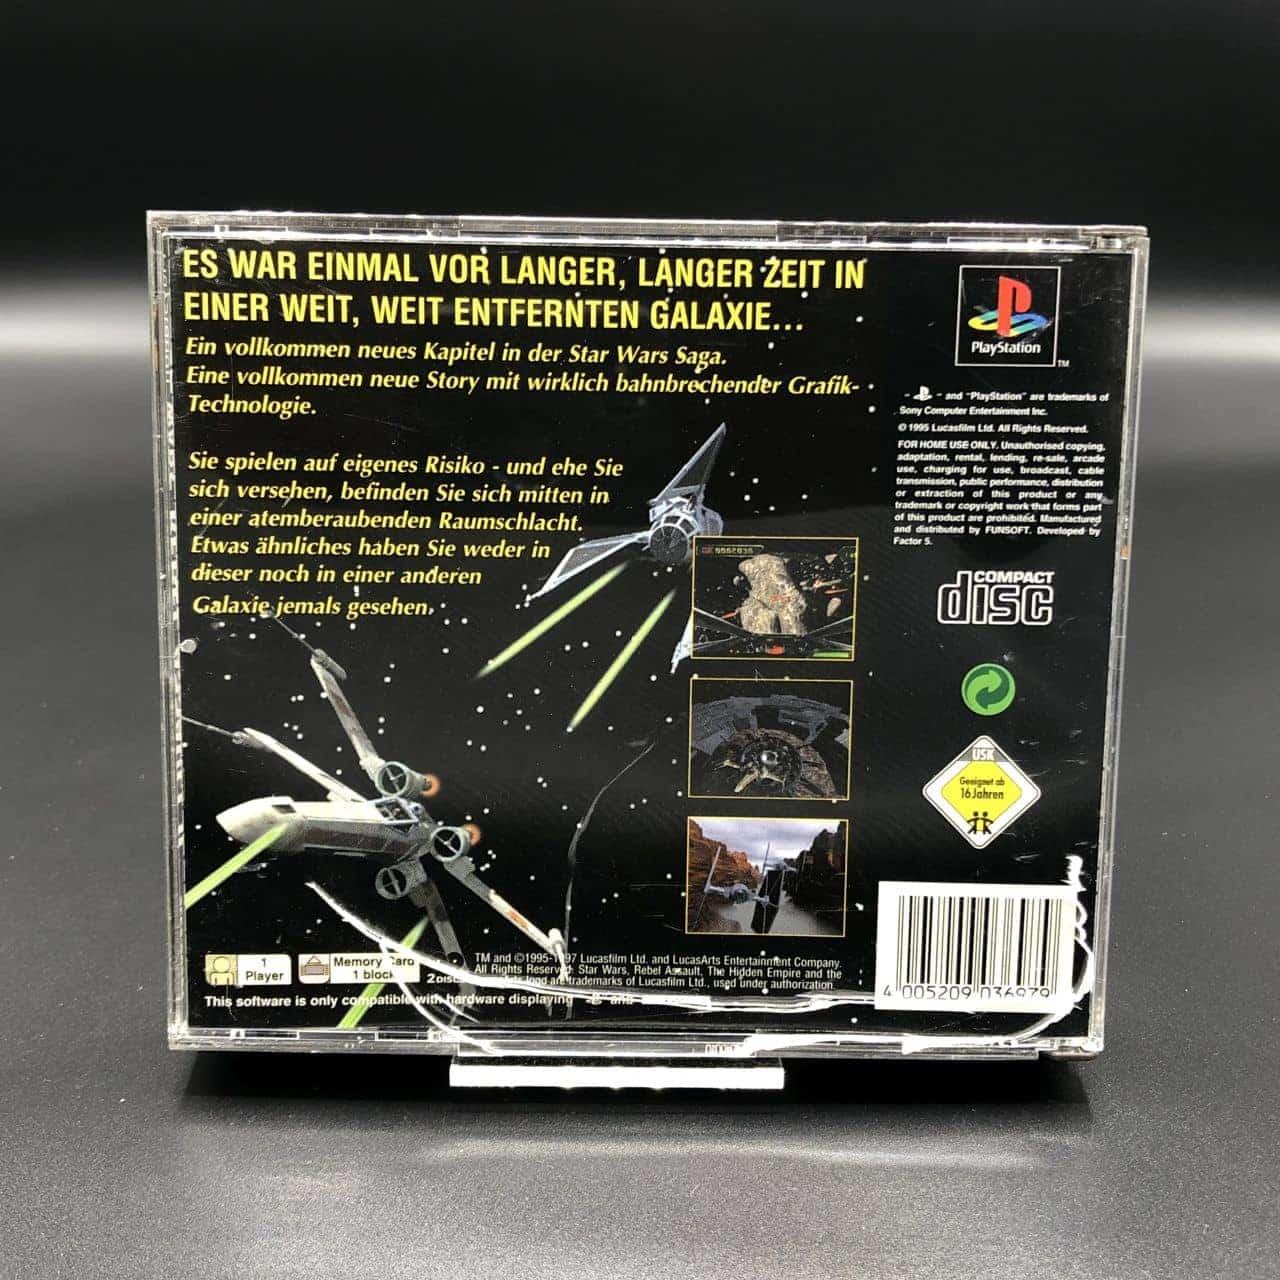 PS1 Star Wars - Rebel Assault II - The Hidden Empire (Komplett) (Sehr gut) Sony PlayStation 1 #1